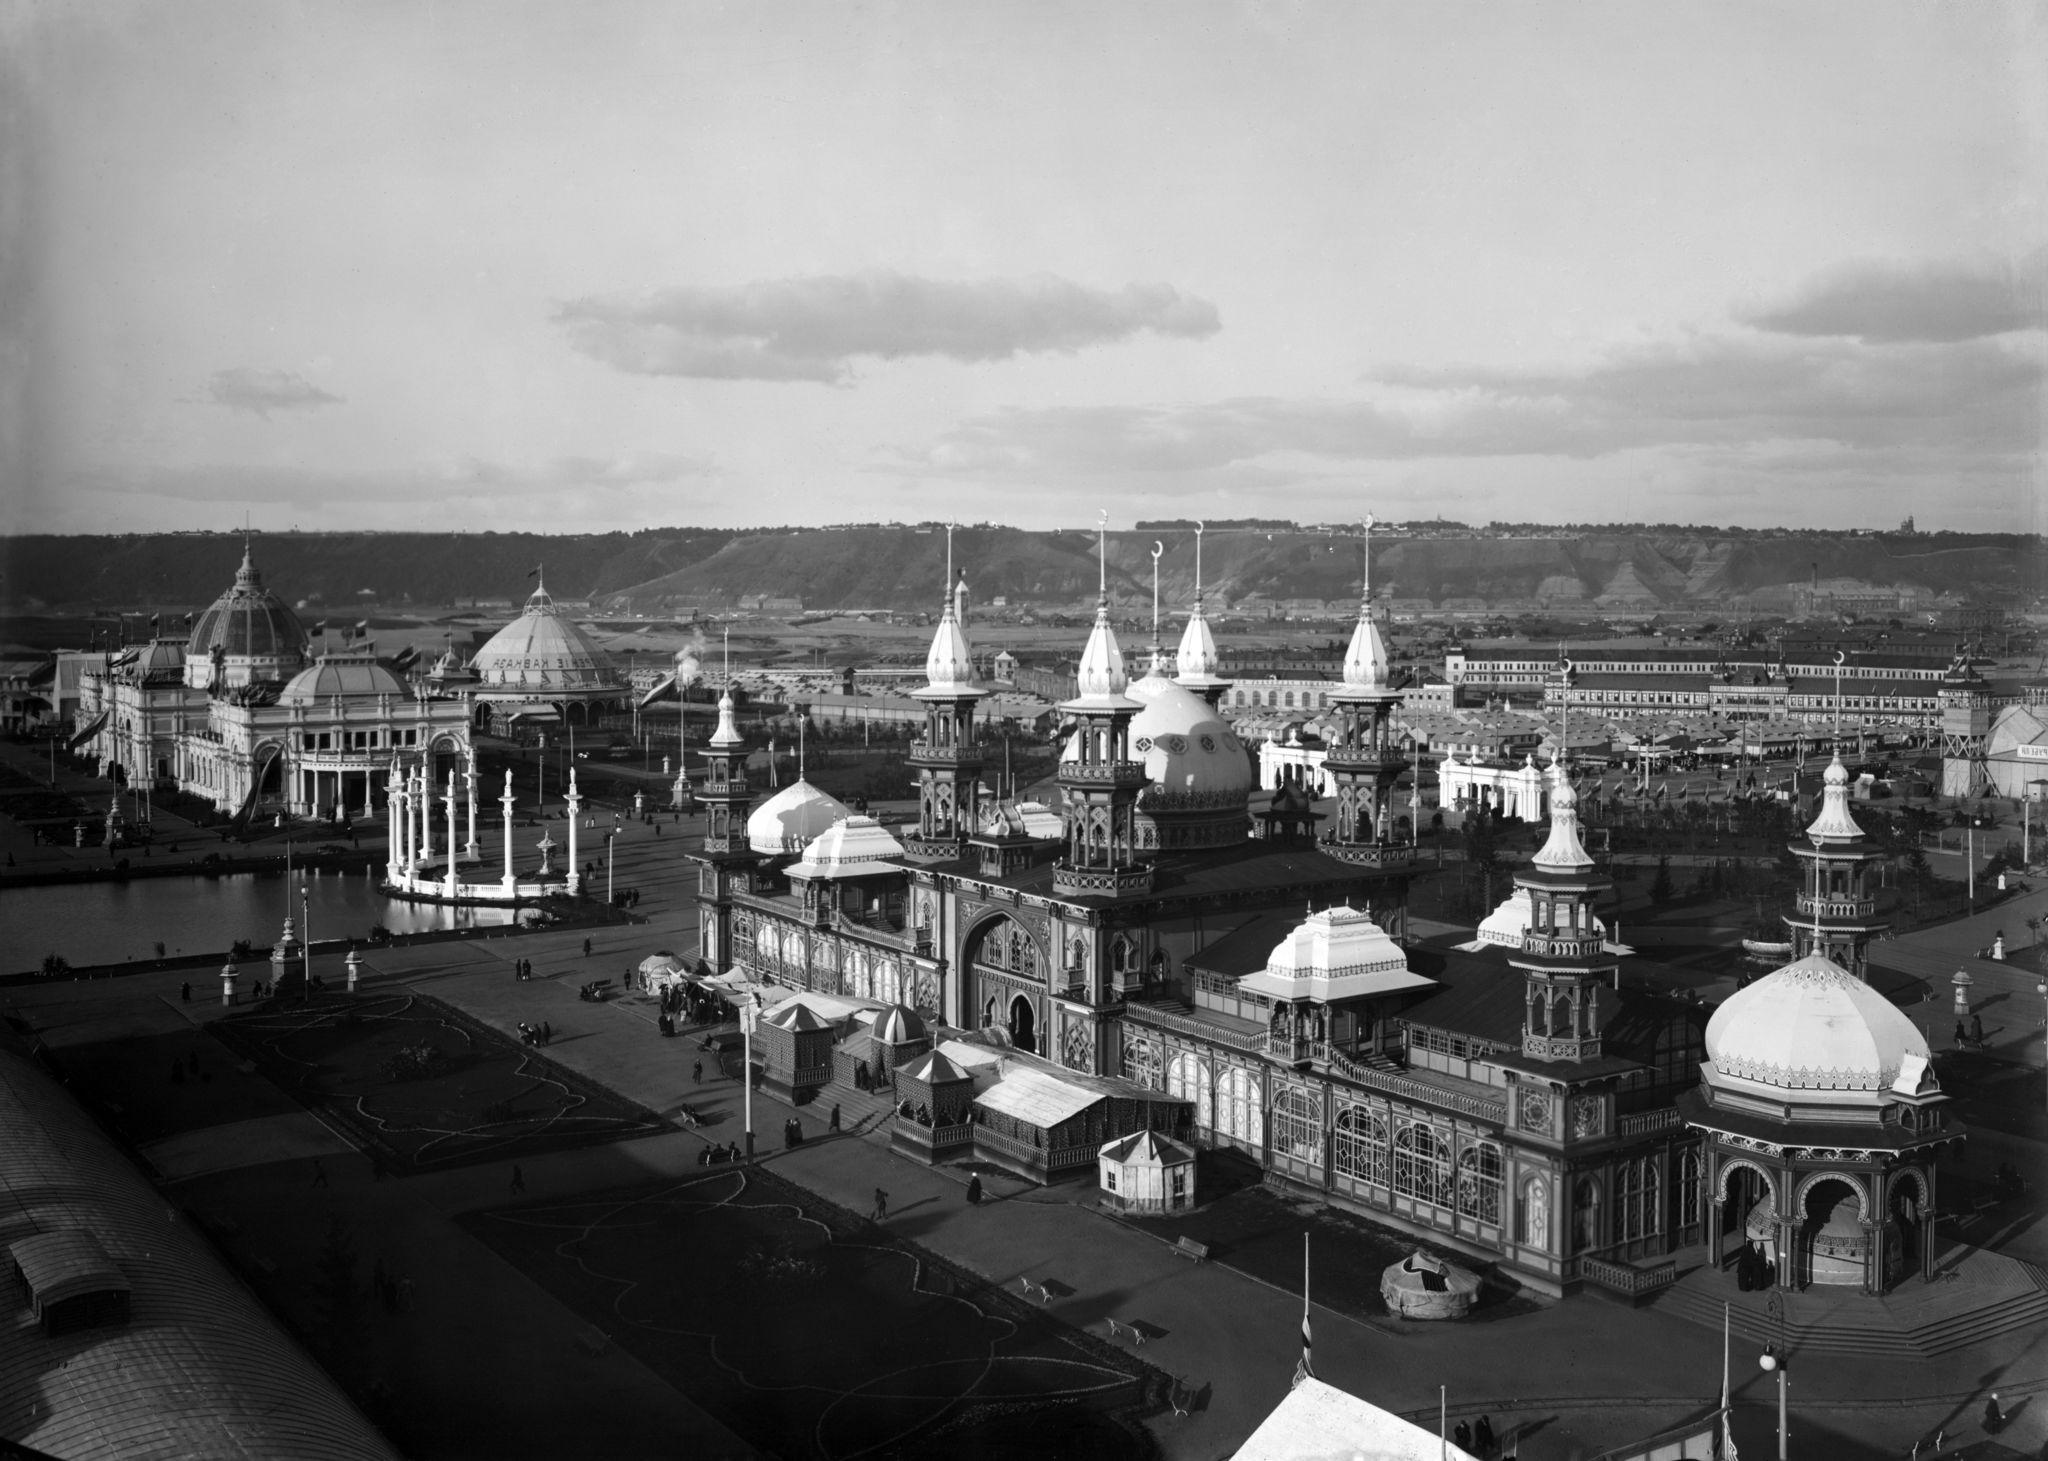 Общий вид на постройки и павильоны Нижегородской ярмарки